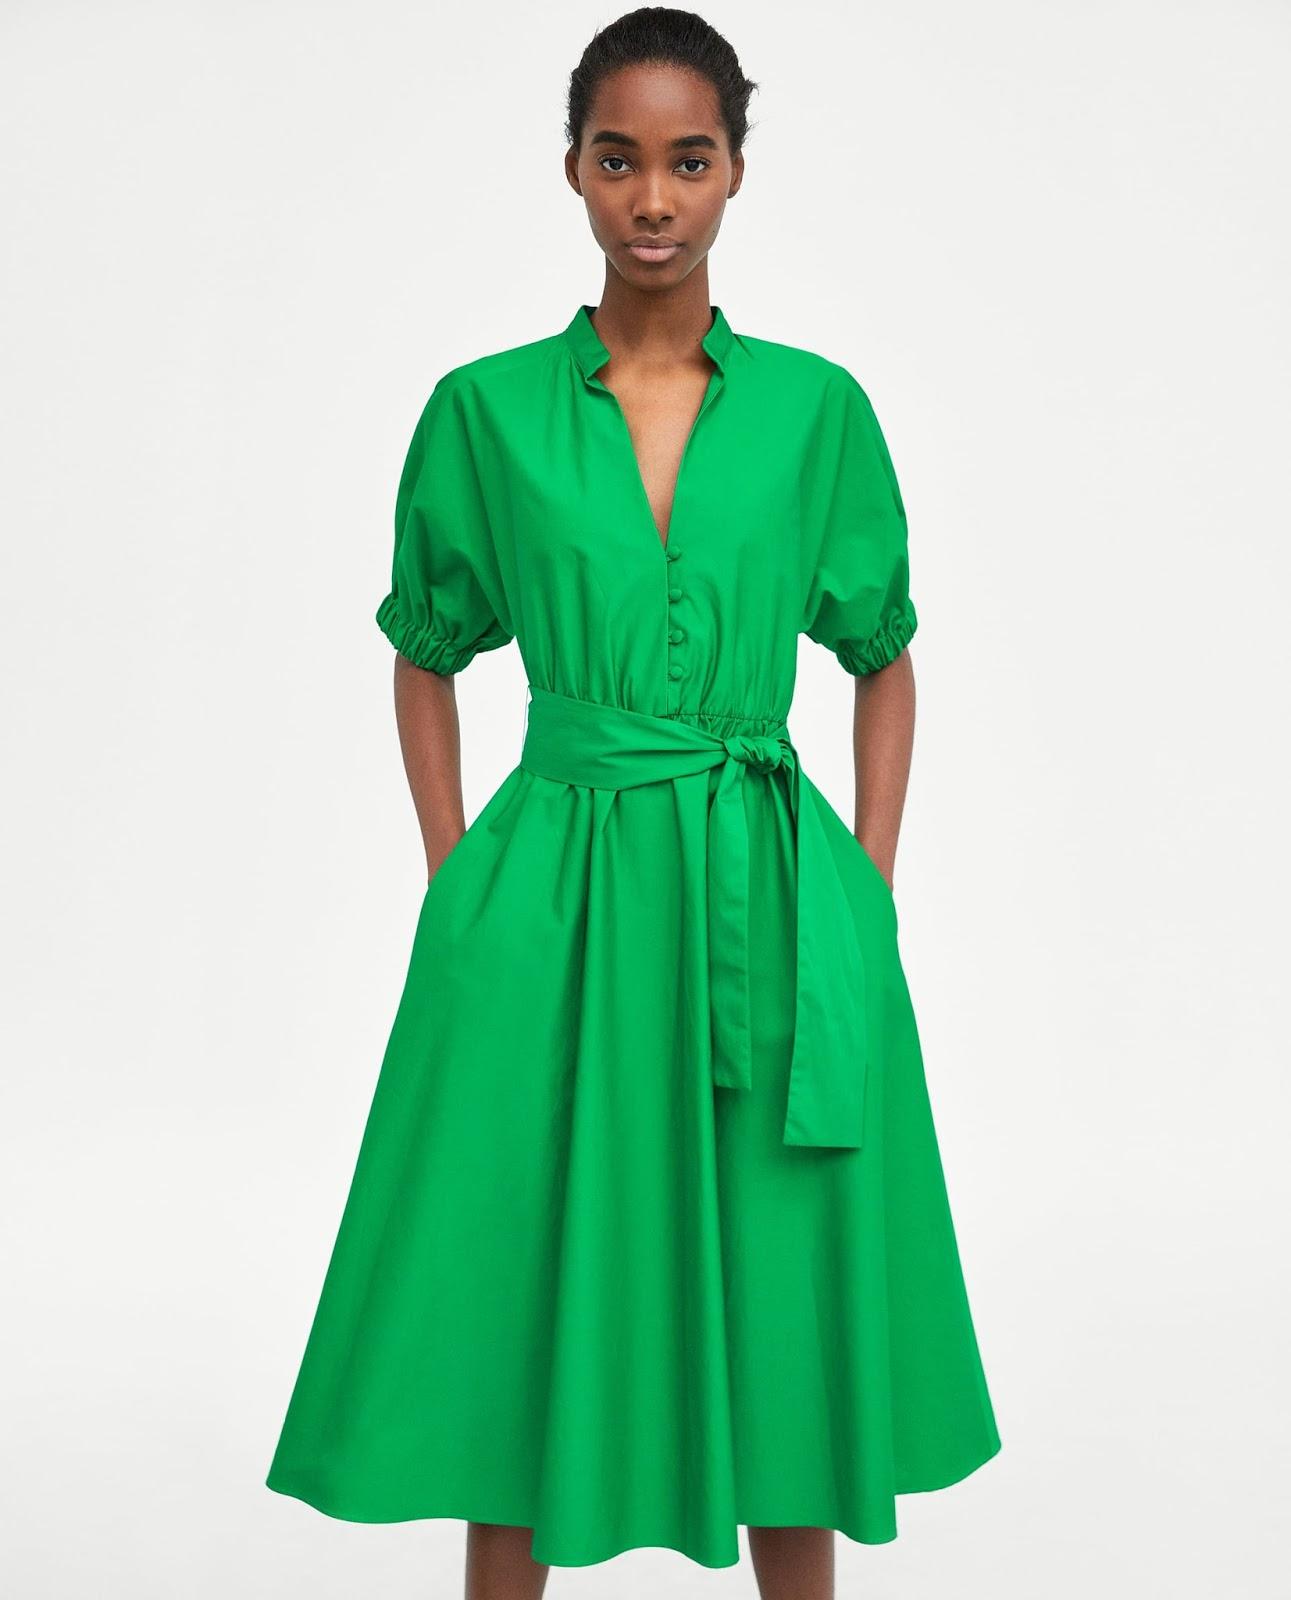 Zara Sonbahar Kış 2019 2019 Koleksiyonu